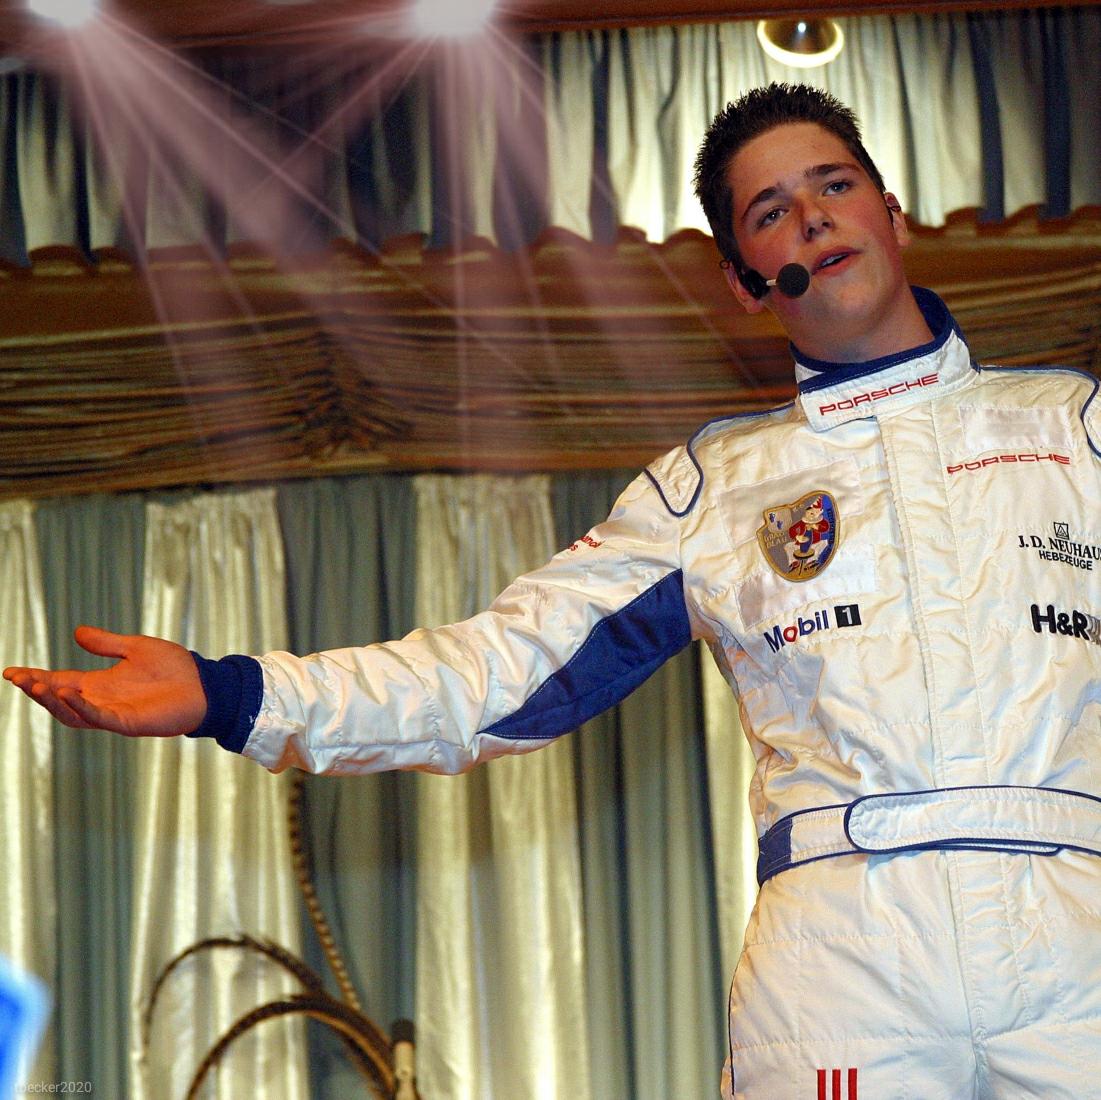 Christian Georg auf der Bühne bei Grau-Blau im Jahre 2003